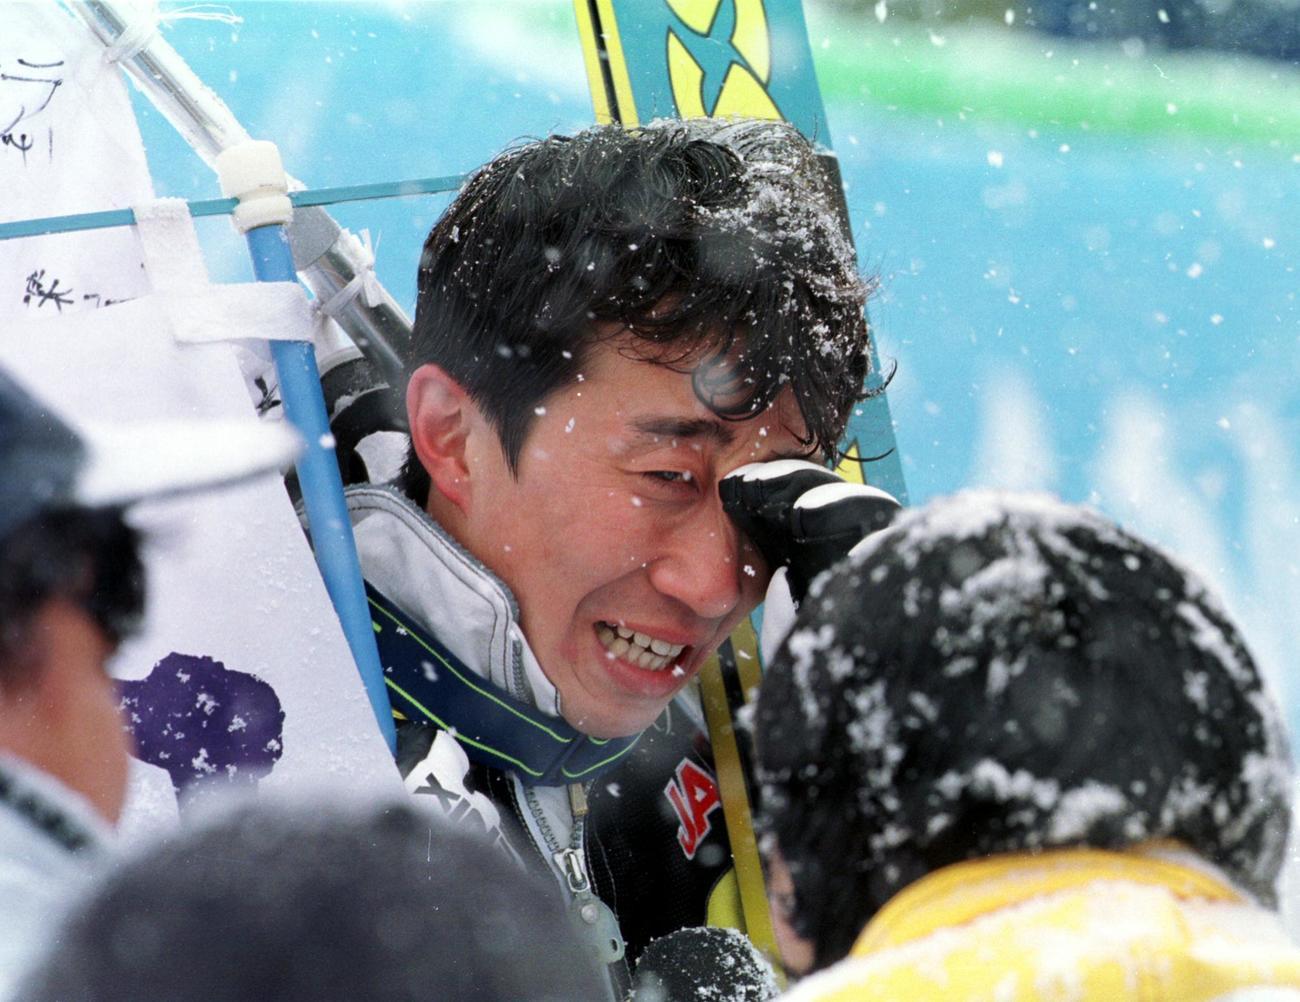 長野五輪ジャンプ団体で金メダルを獲得しインタビュー中に涙を流す日本の原田雅彦(1998年2月17日撮影)